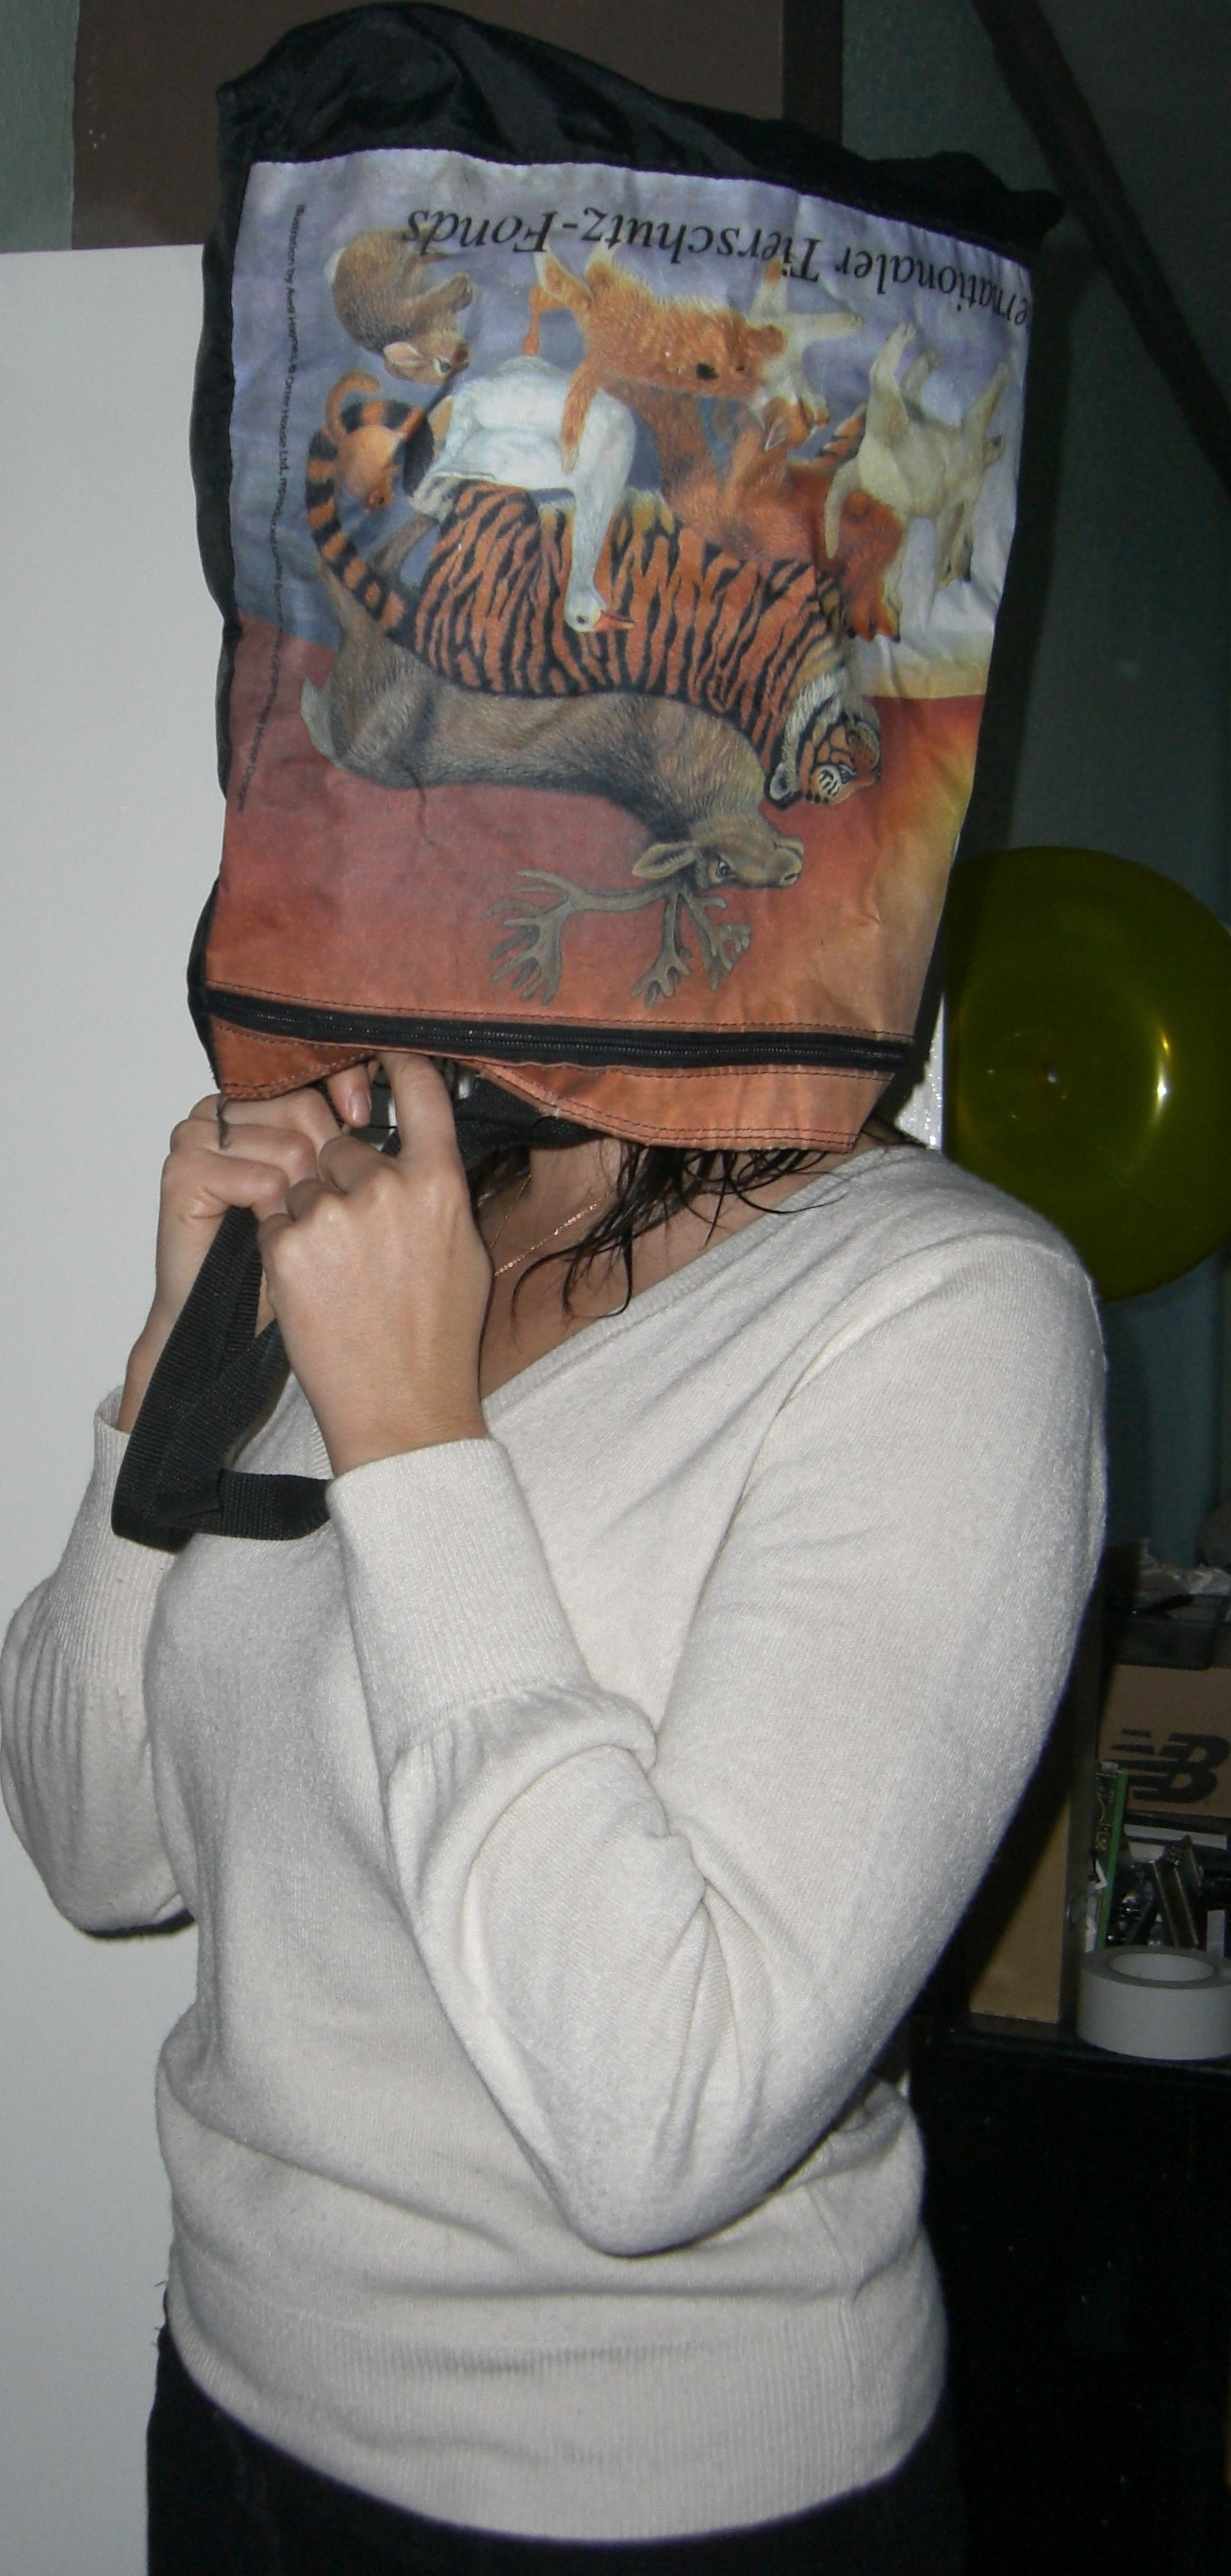 The nosebag